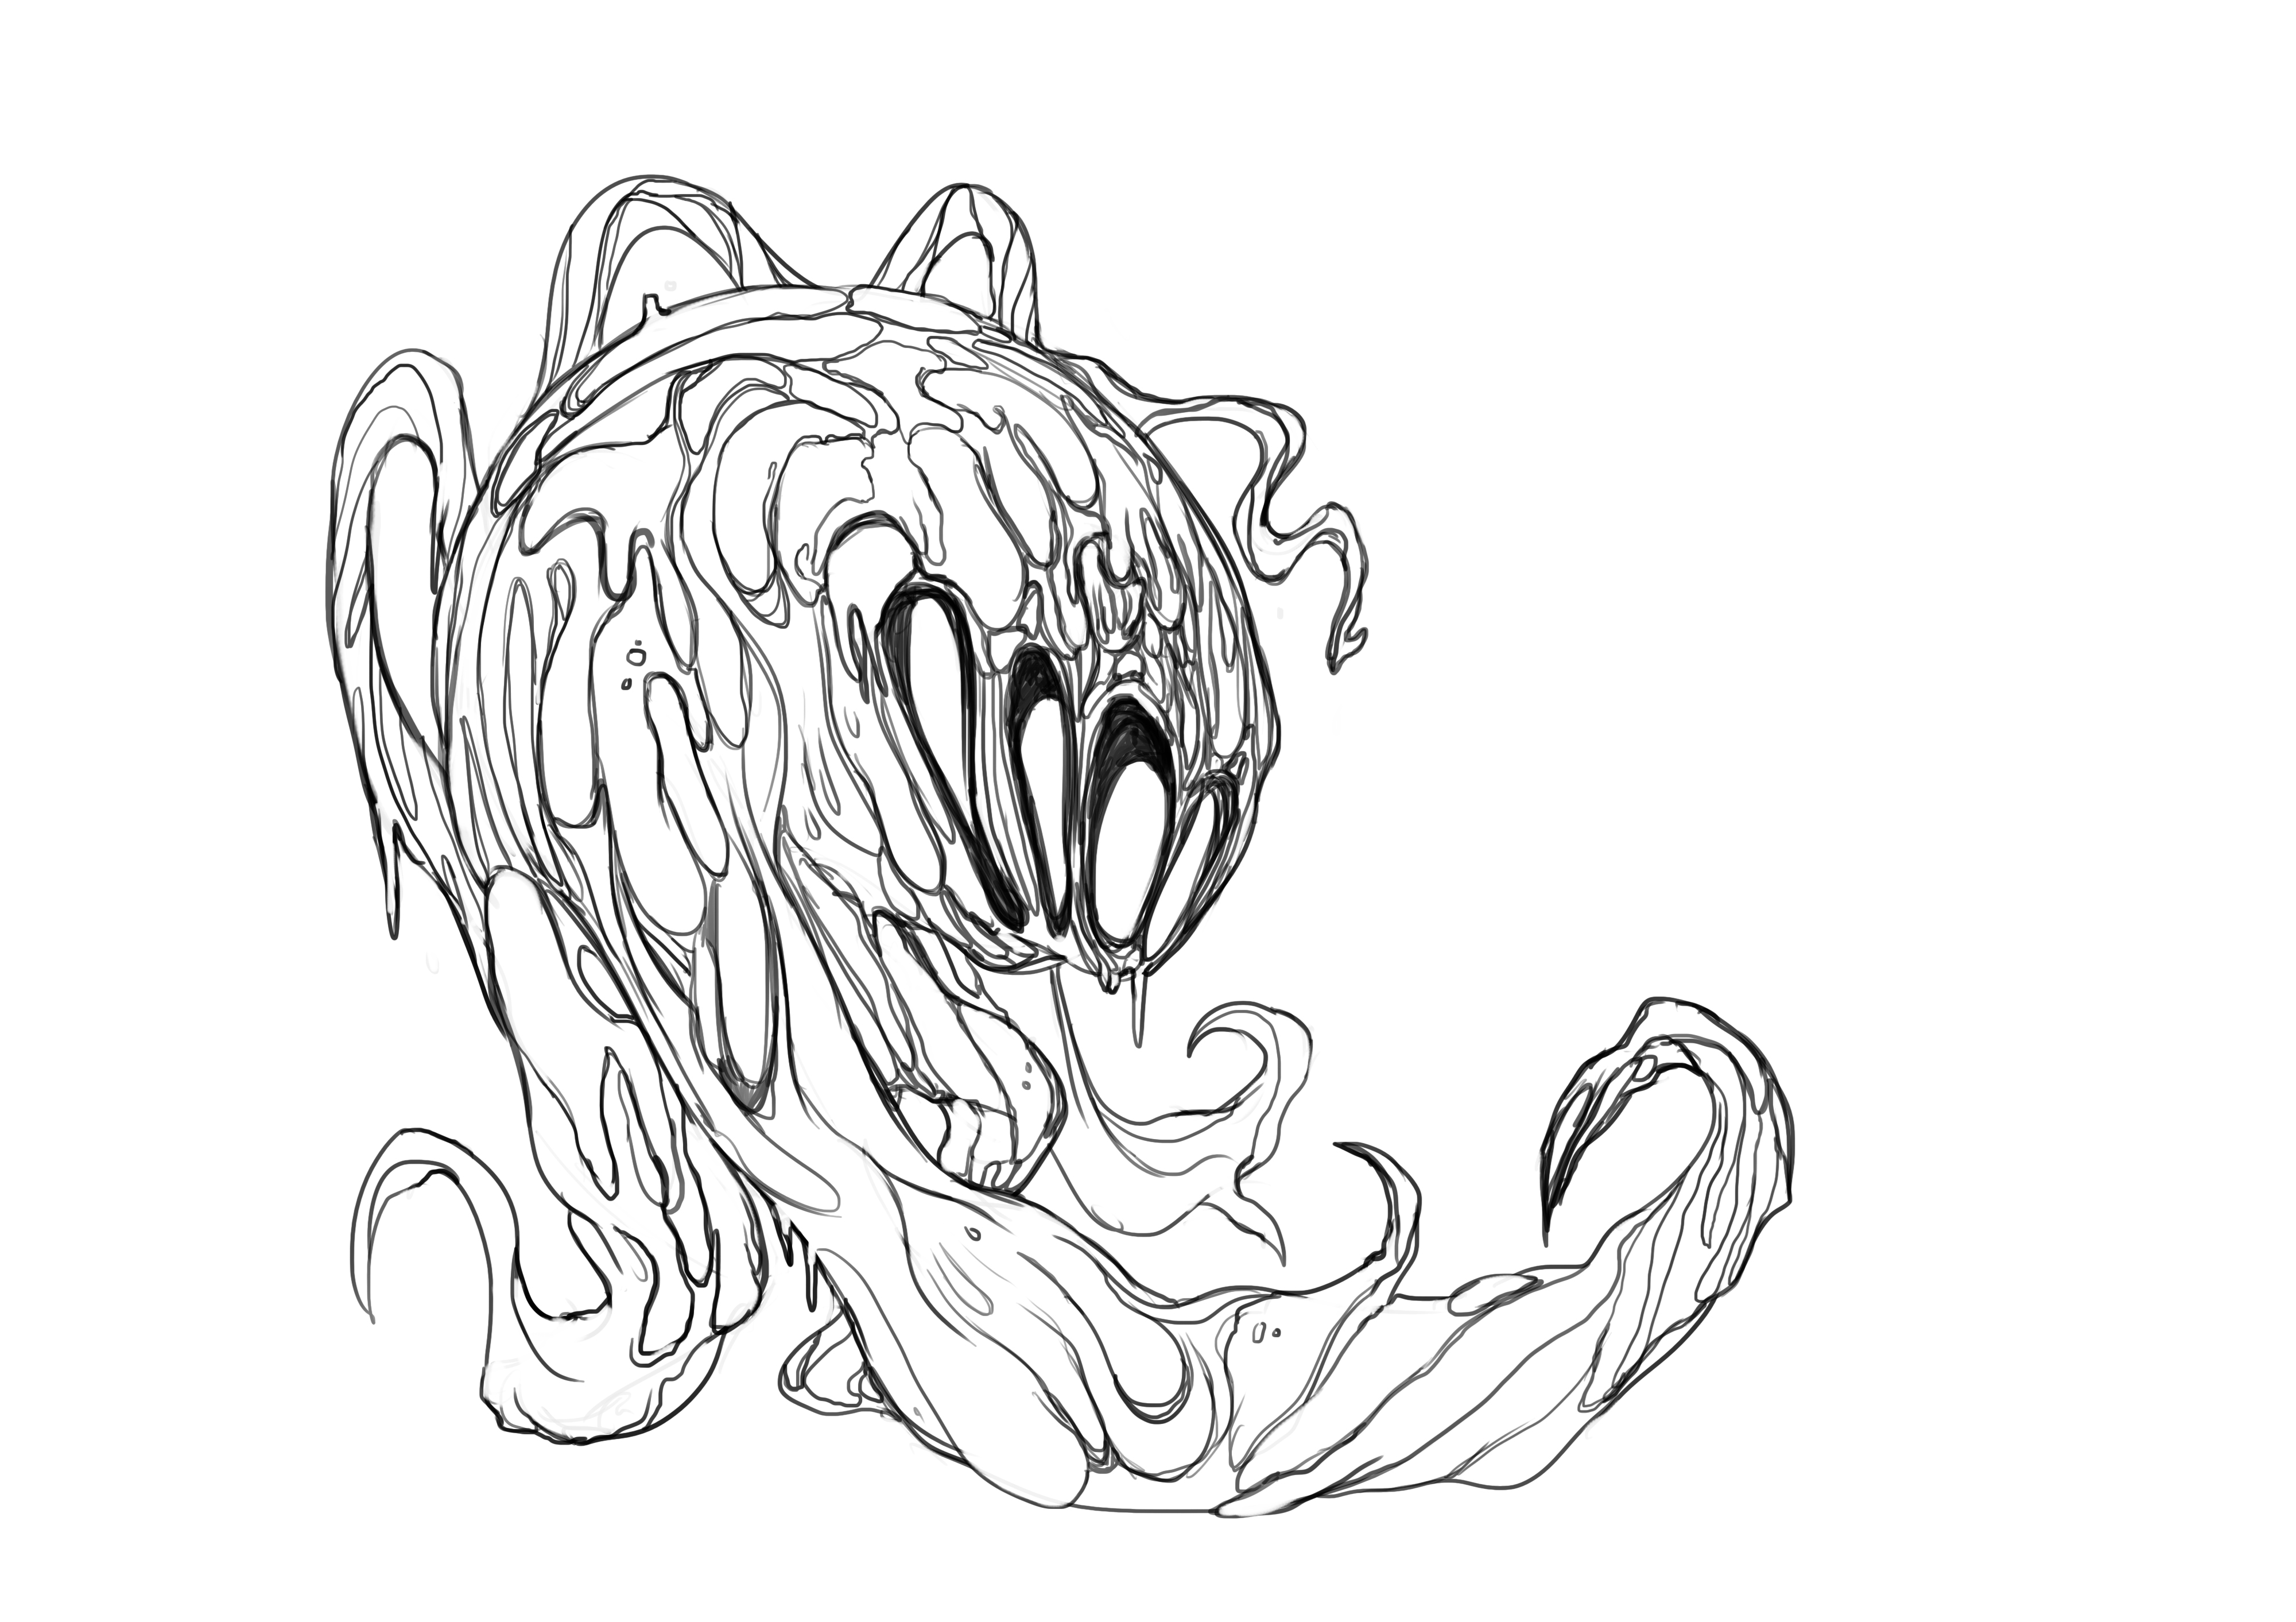 Nightmare Concept Art